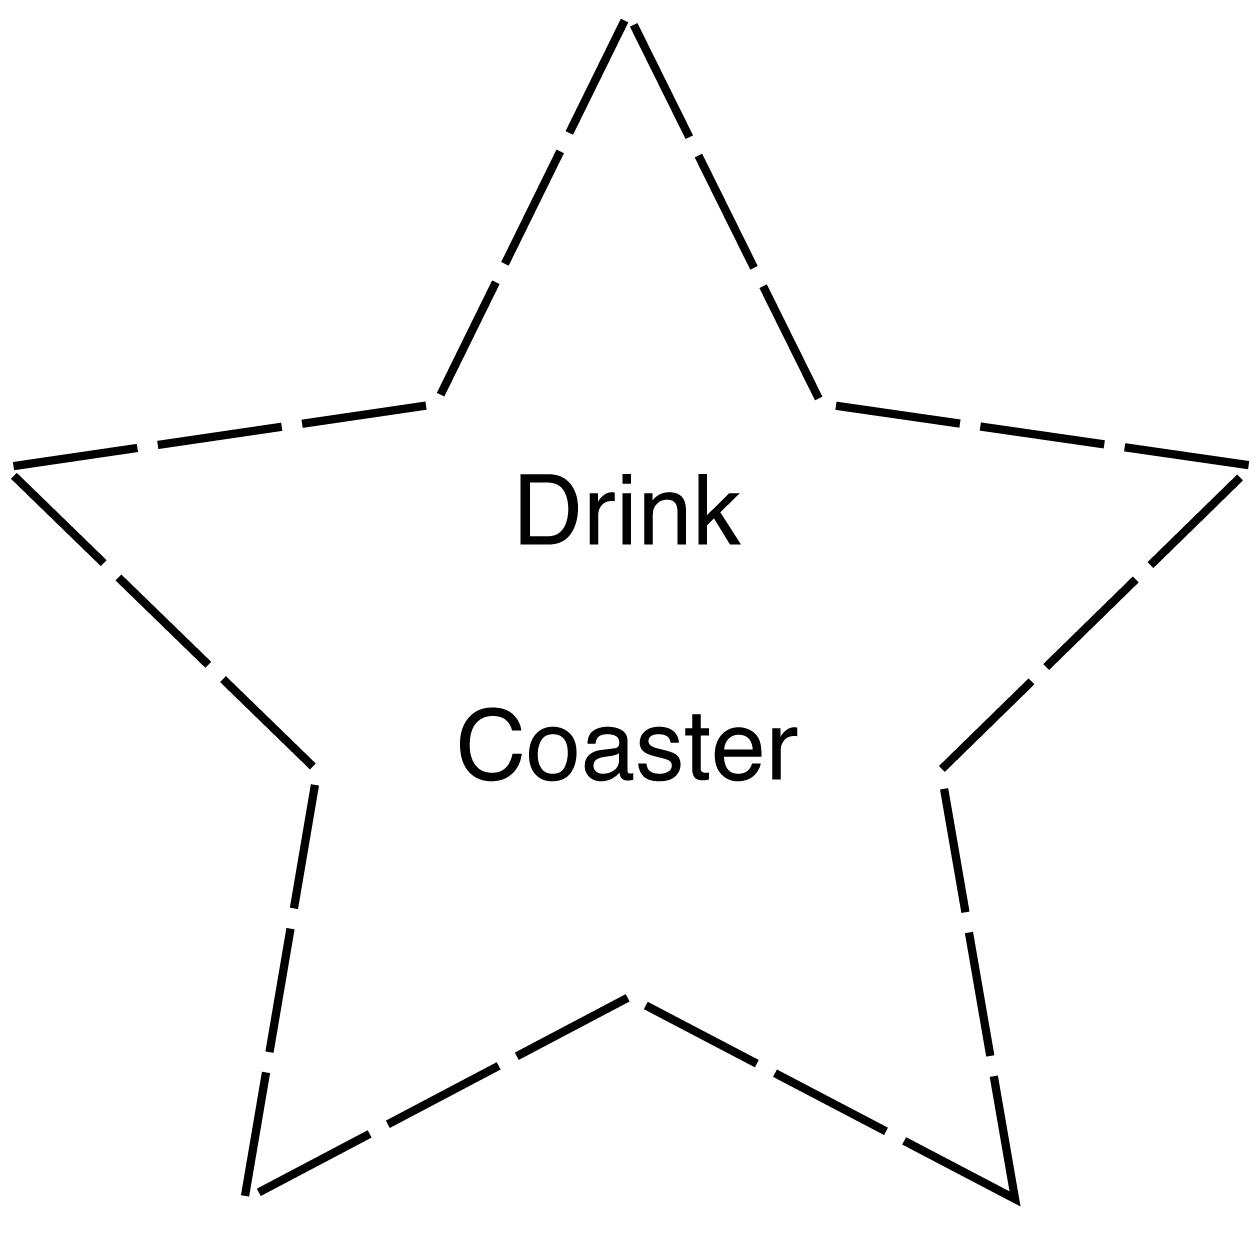 printable star free printable star download free clip art free clip art printable star 1 1